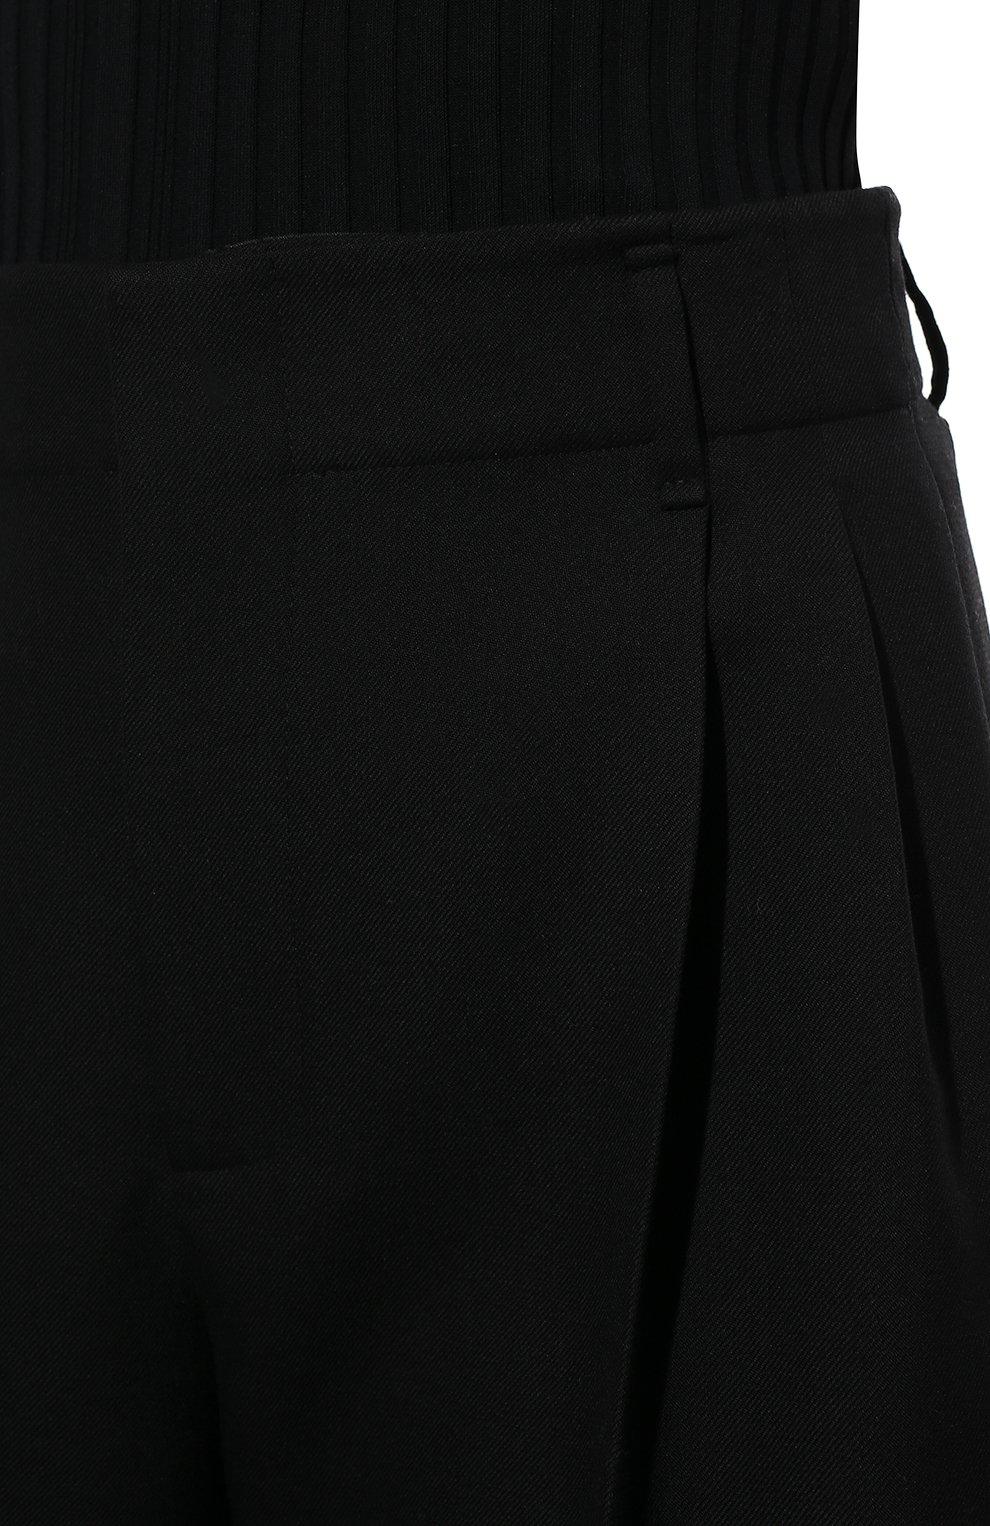 Женские шерстяные шорты-бермуды VALENTINO черного цвета, арт. WB0RD0A56LR   Фото 5 (Женское Кросс-КТ: Шорты-одежда; Материал внешний: Шерсть; Кросс-КТ: Широкие; Длина Ж (юбки, платья, шорты): Миди; Стили: Кэжуэл)